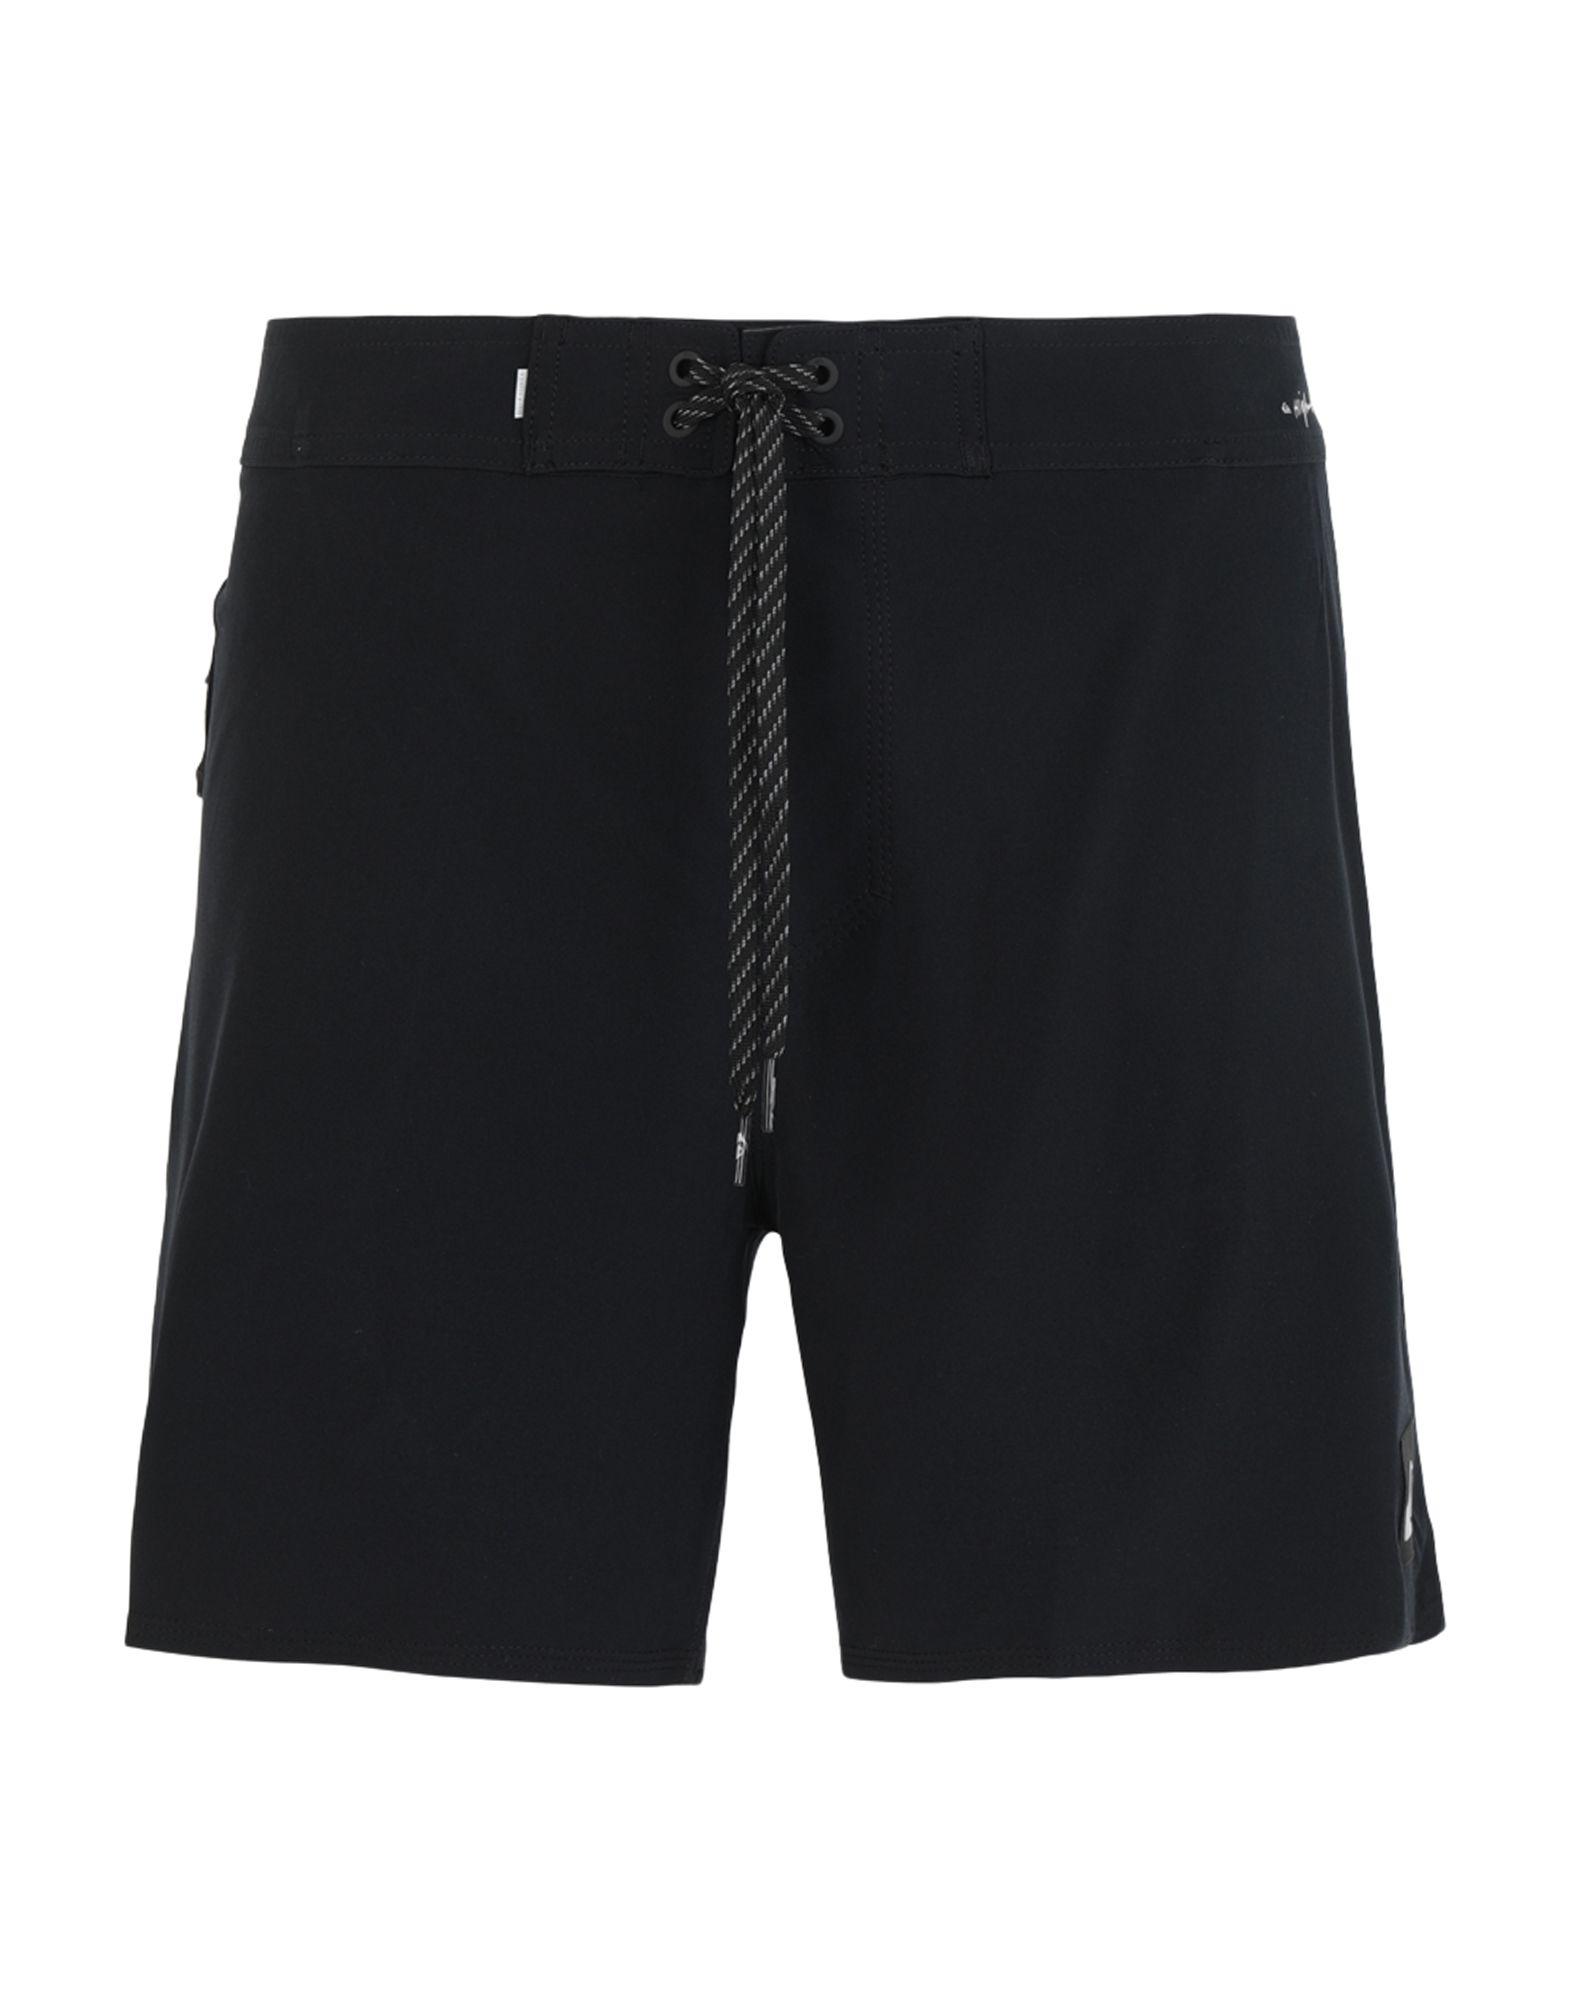 《セール開催中》QUIKSILVER メンズ 水着(ボクサーパンツ) ブラック 36 リサイクルポリエステル 90% / ポリウレタン 10% QS Boardshort Highline Kaimana 16